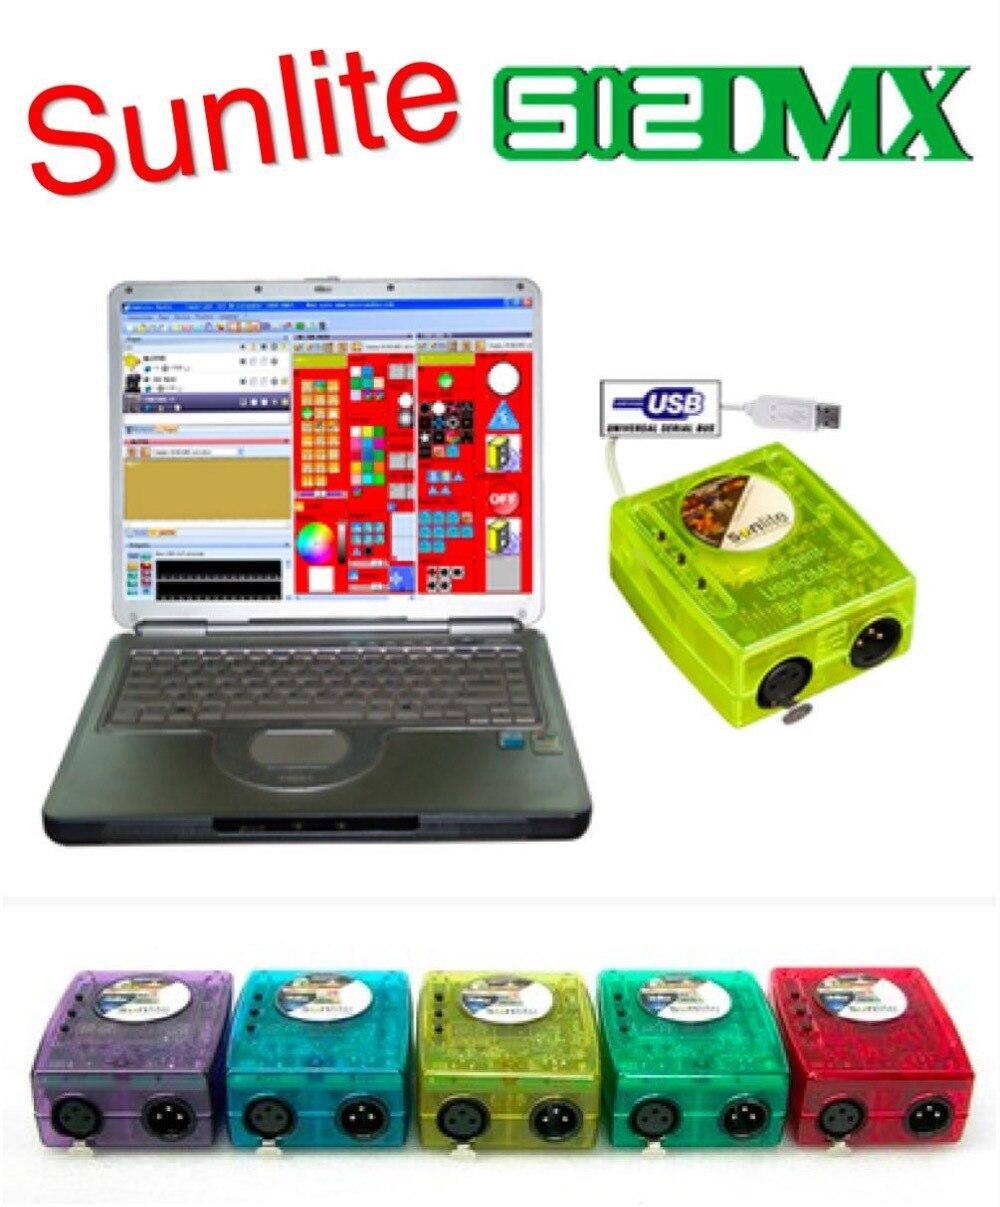 sunlite 1024 usb dmx 512 controller sunlite dmx can. Black Bedroom Furniture Sets. Home Design Ideas